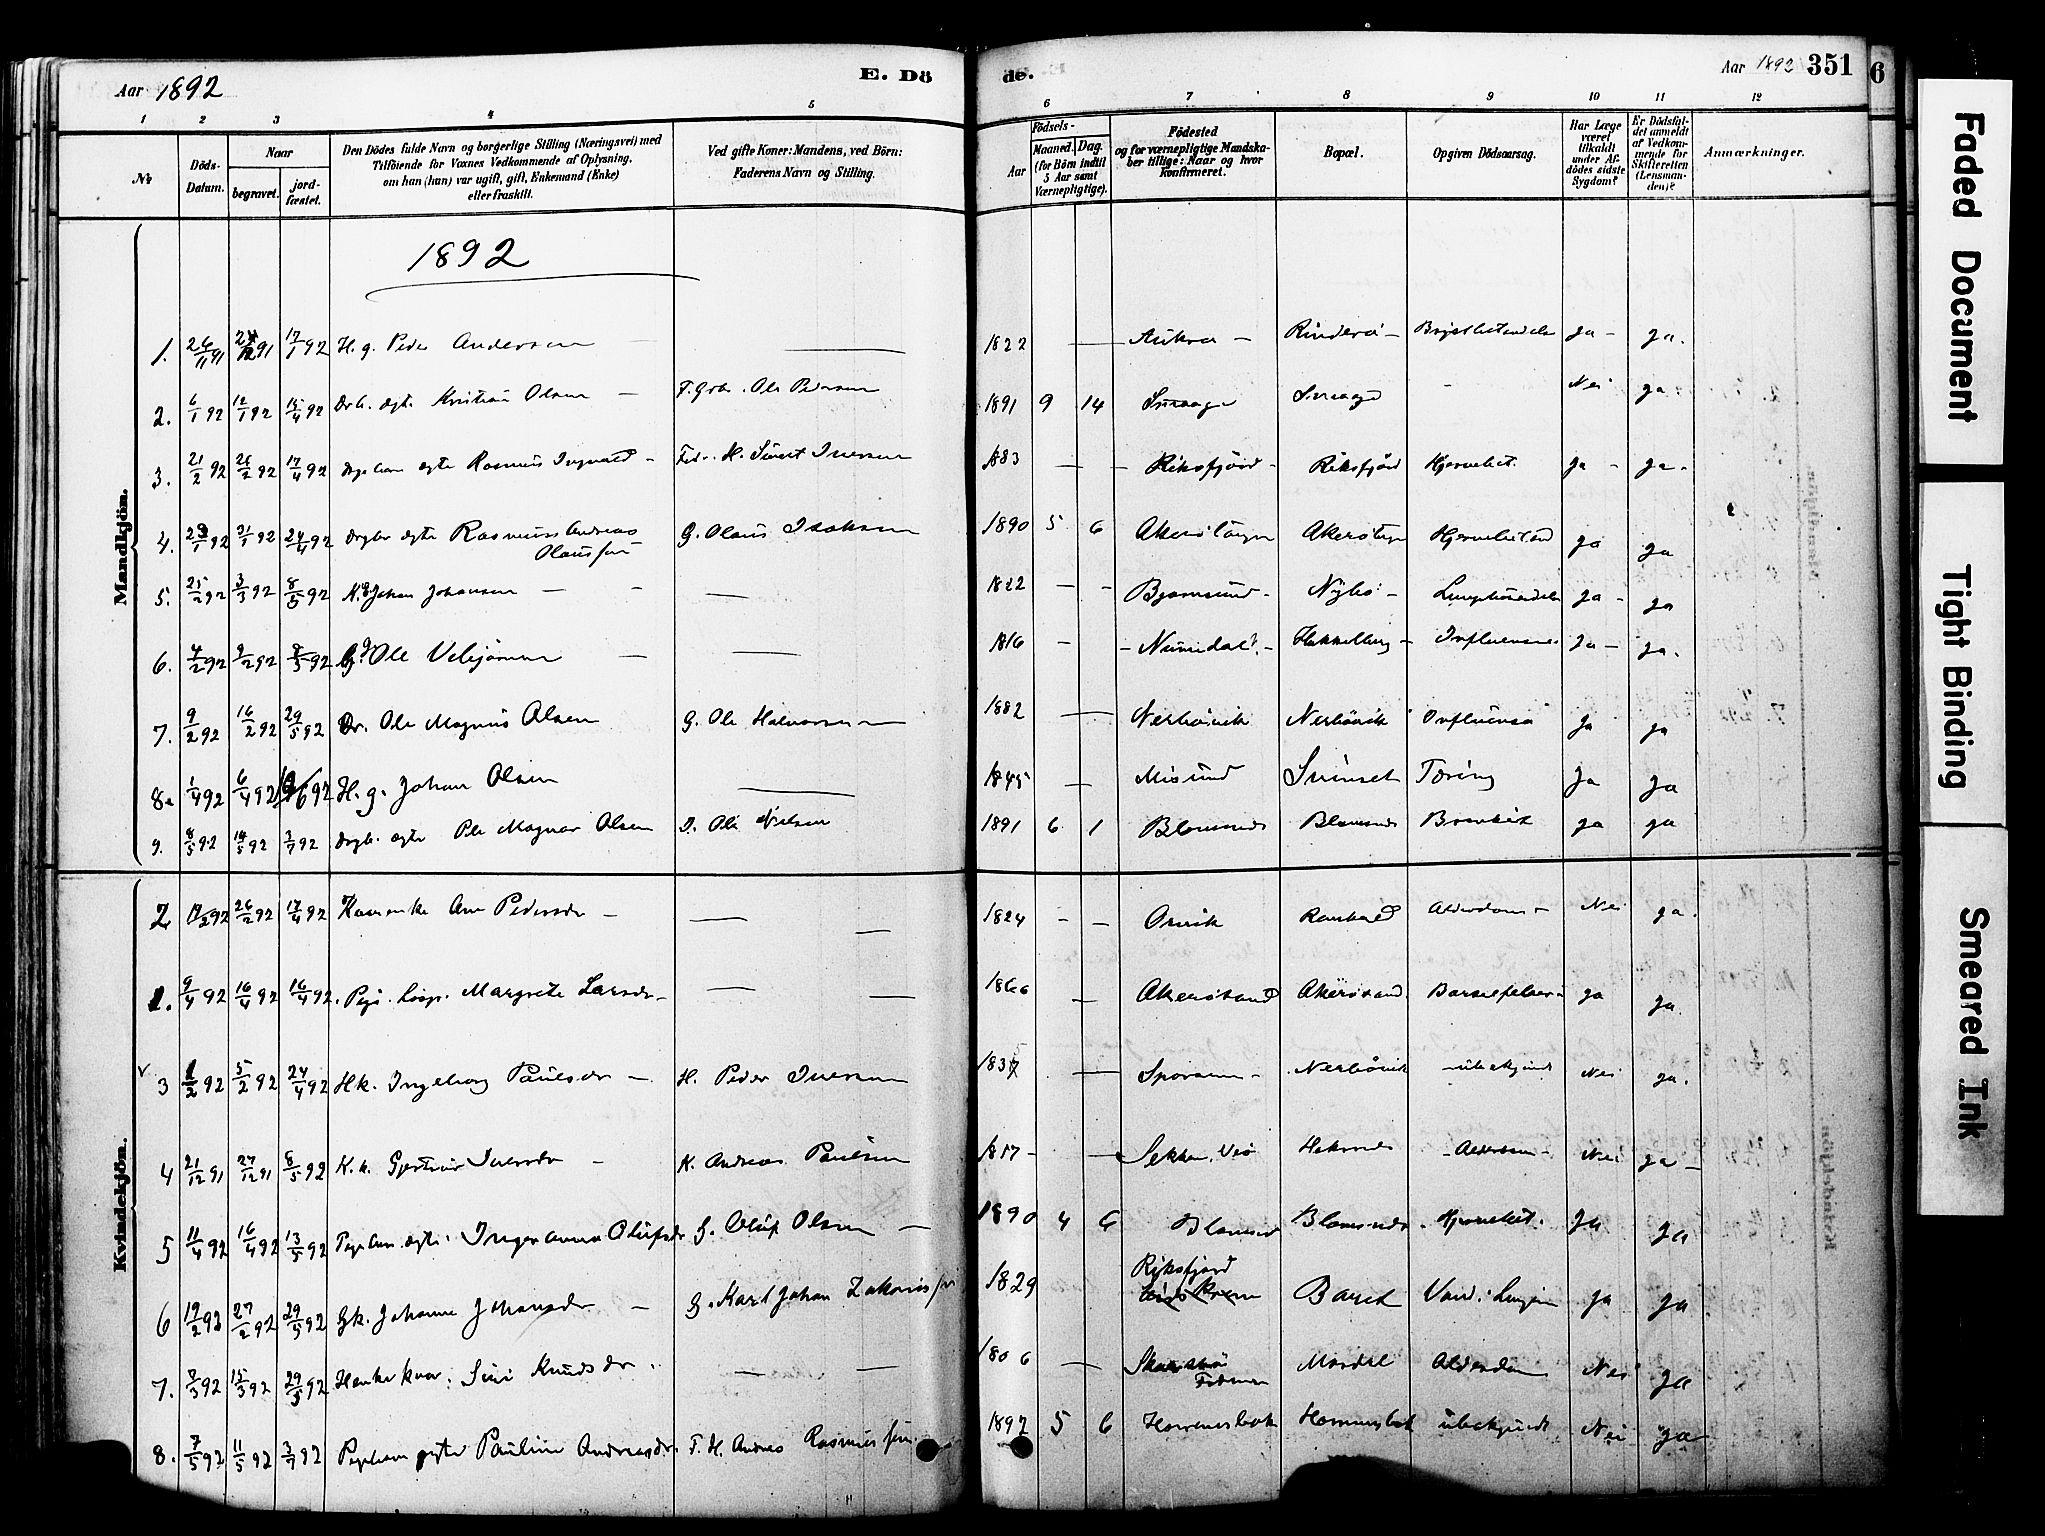 SAT, Ministerialprotokoller, klokkerbøker og fødselsregistre - Møre og Romsdal, 560/L0721: Ministerialbok nr. 560A05, 1878-1917, s. 351